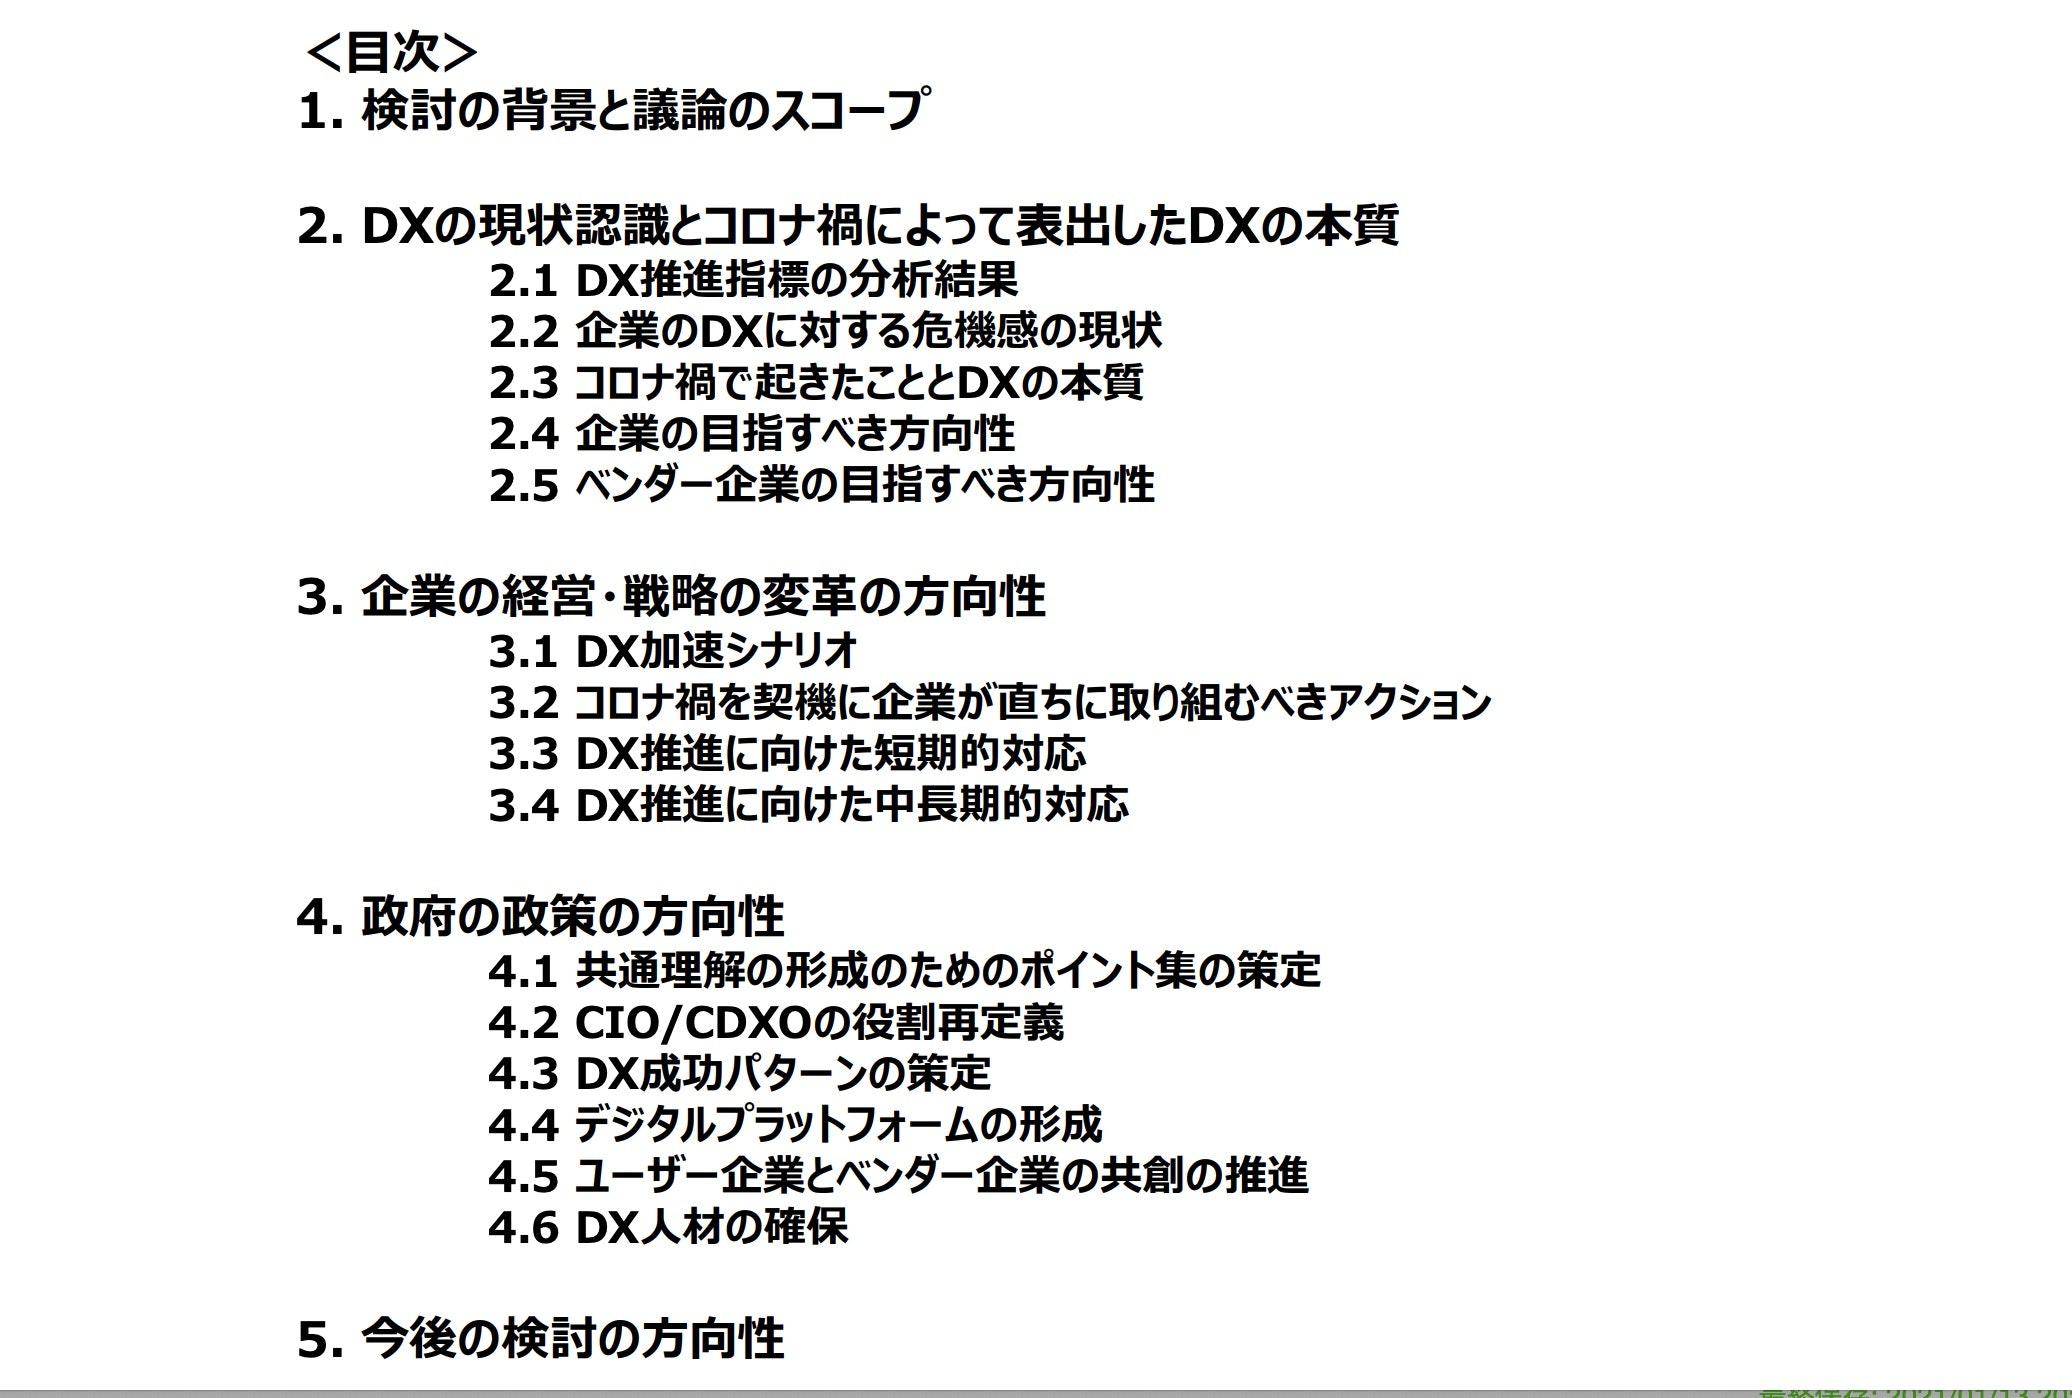 スクリーンショット 2021-01-13 20.55.17.jpg